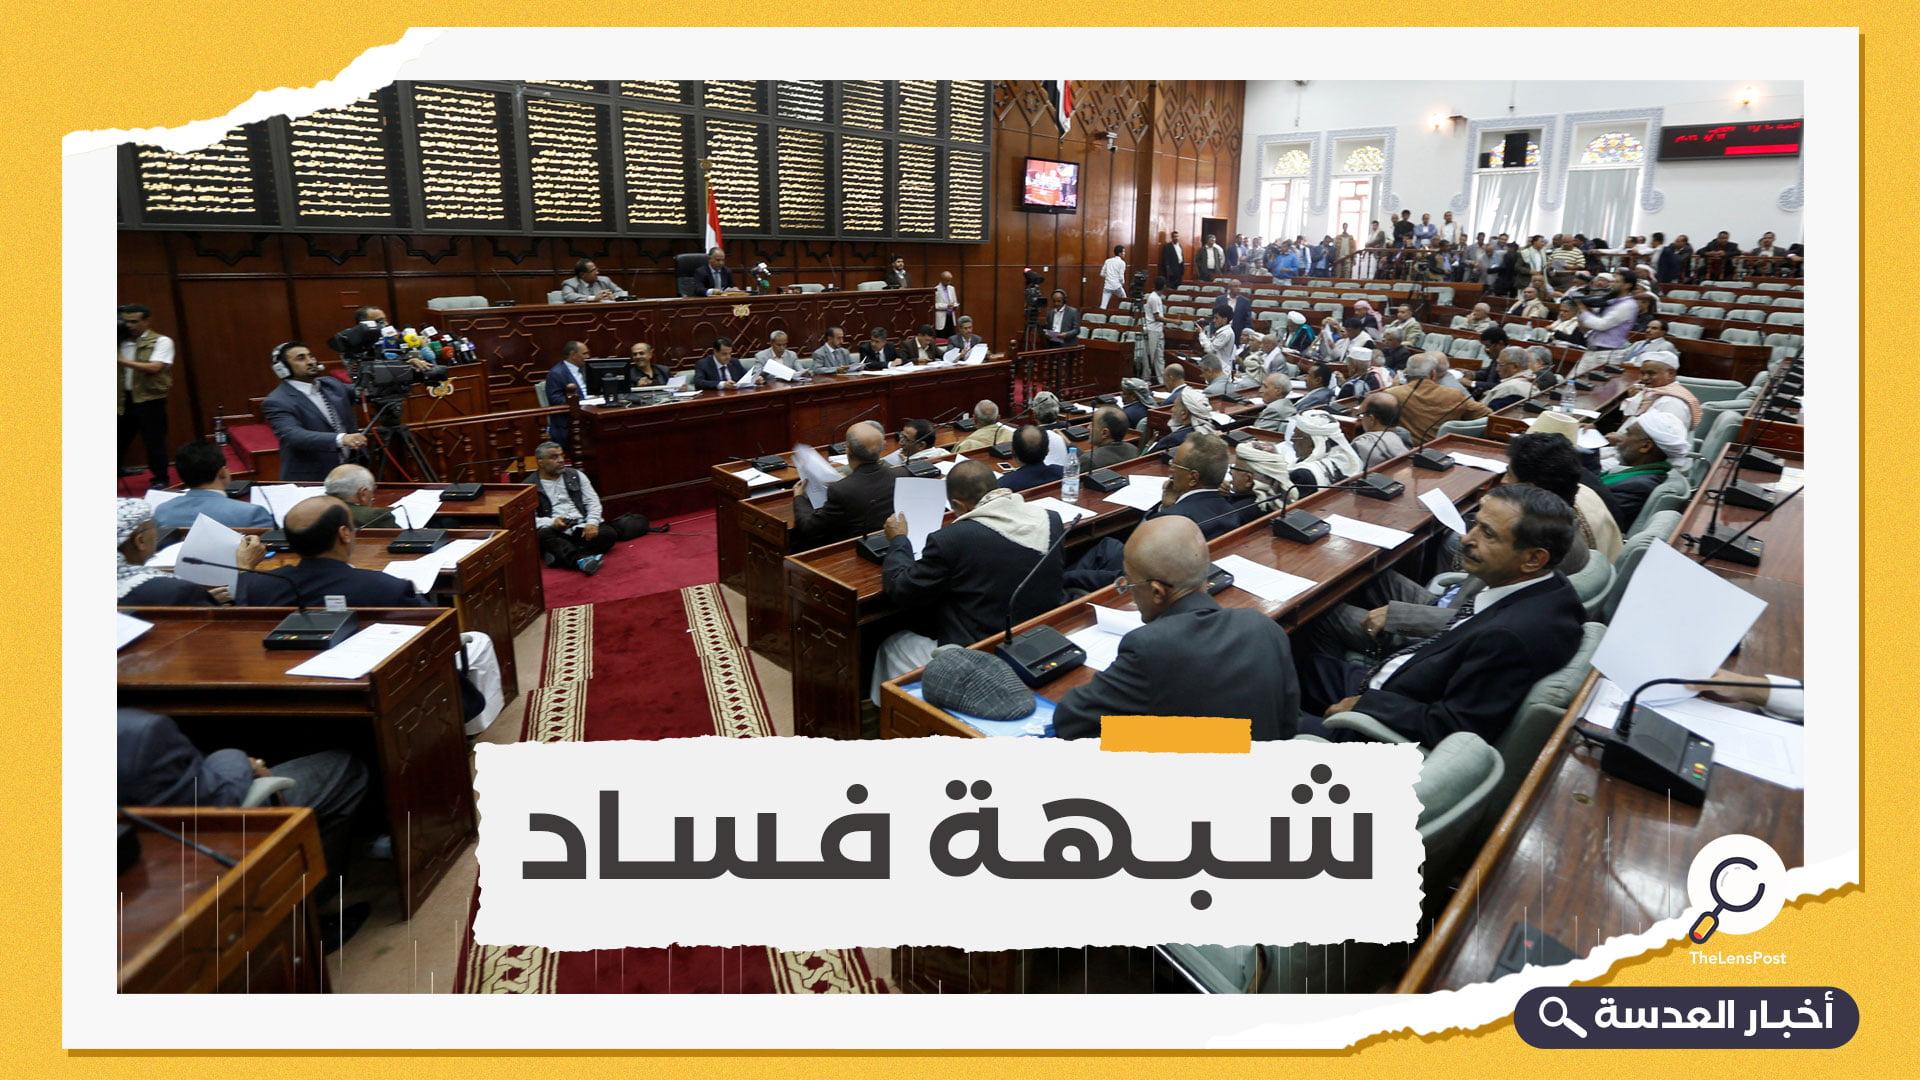 مجلس النواب اليمني يشكل لجنة تقصي حقائق للتحقيق في مخالفات البنك المركزي